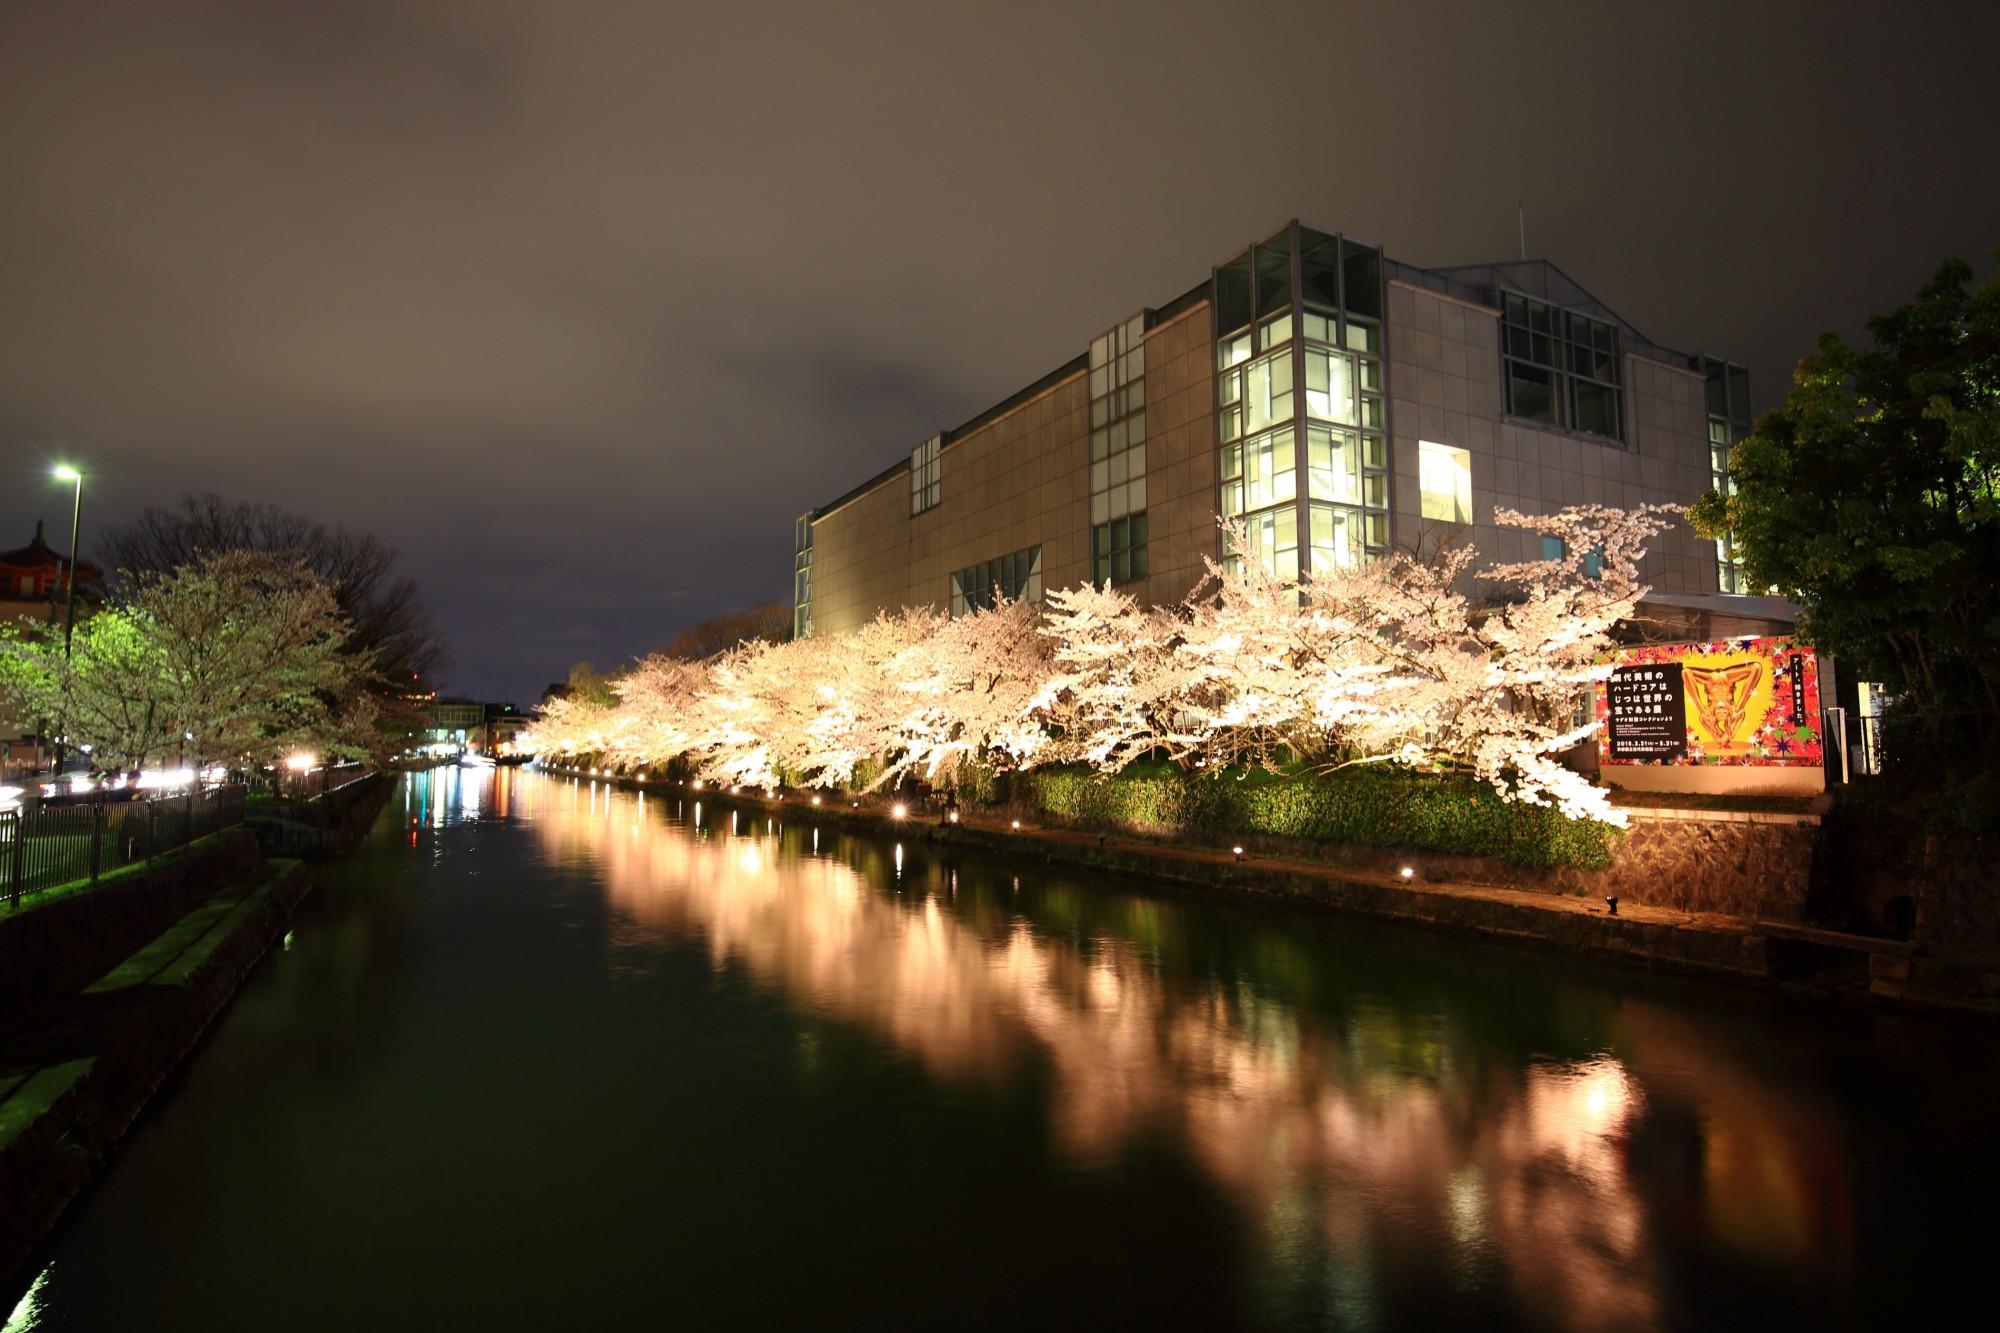 水辺の夜桜と水鏡